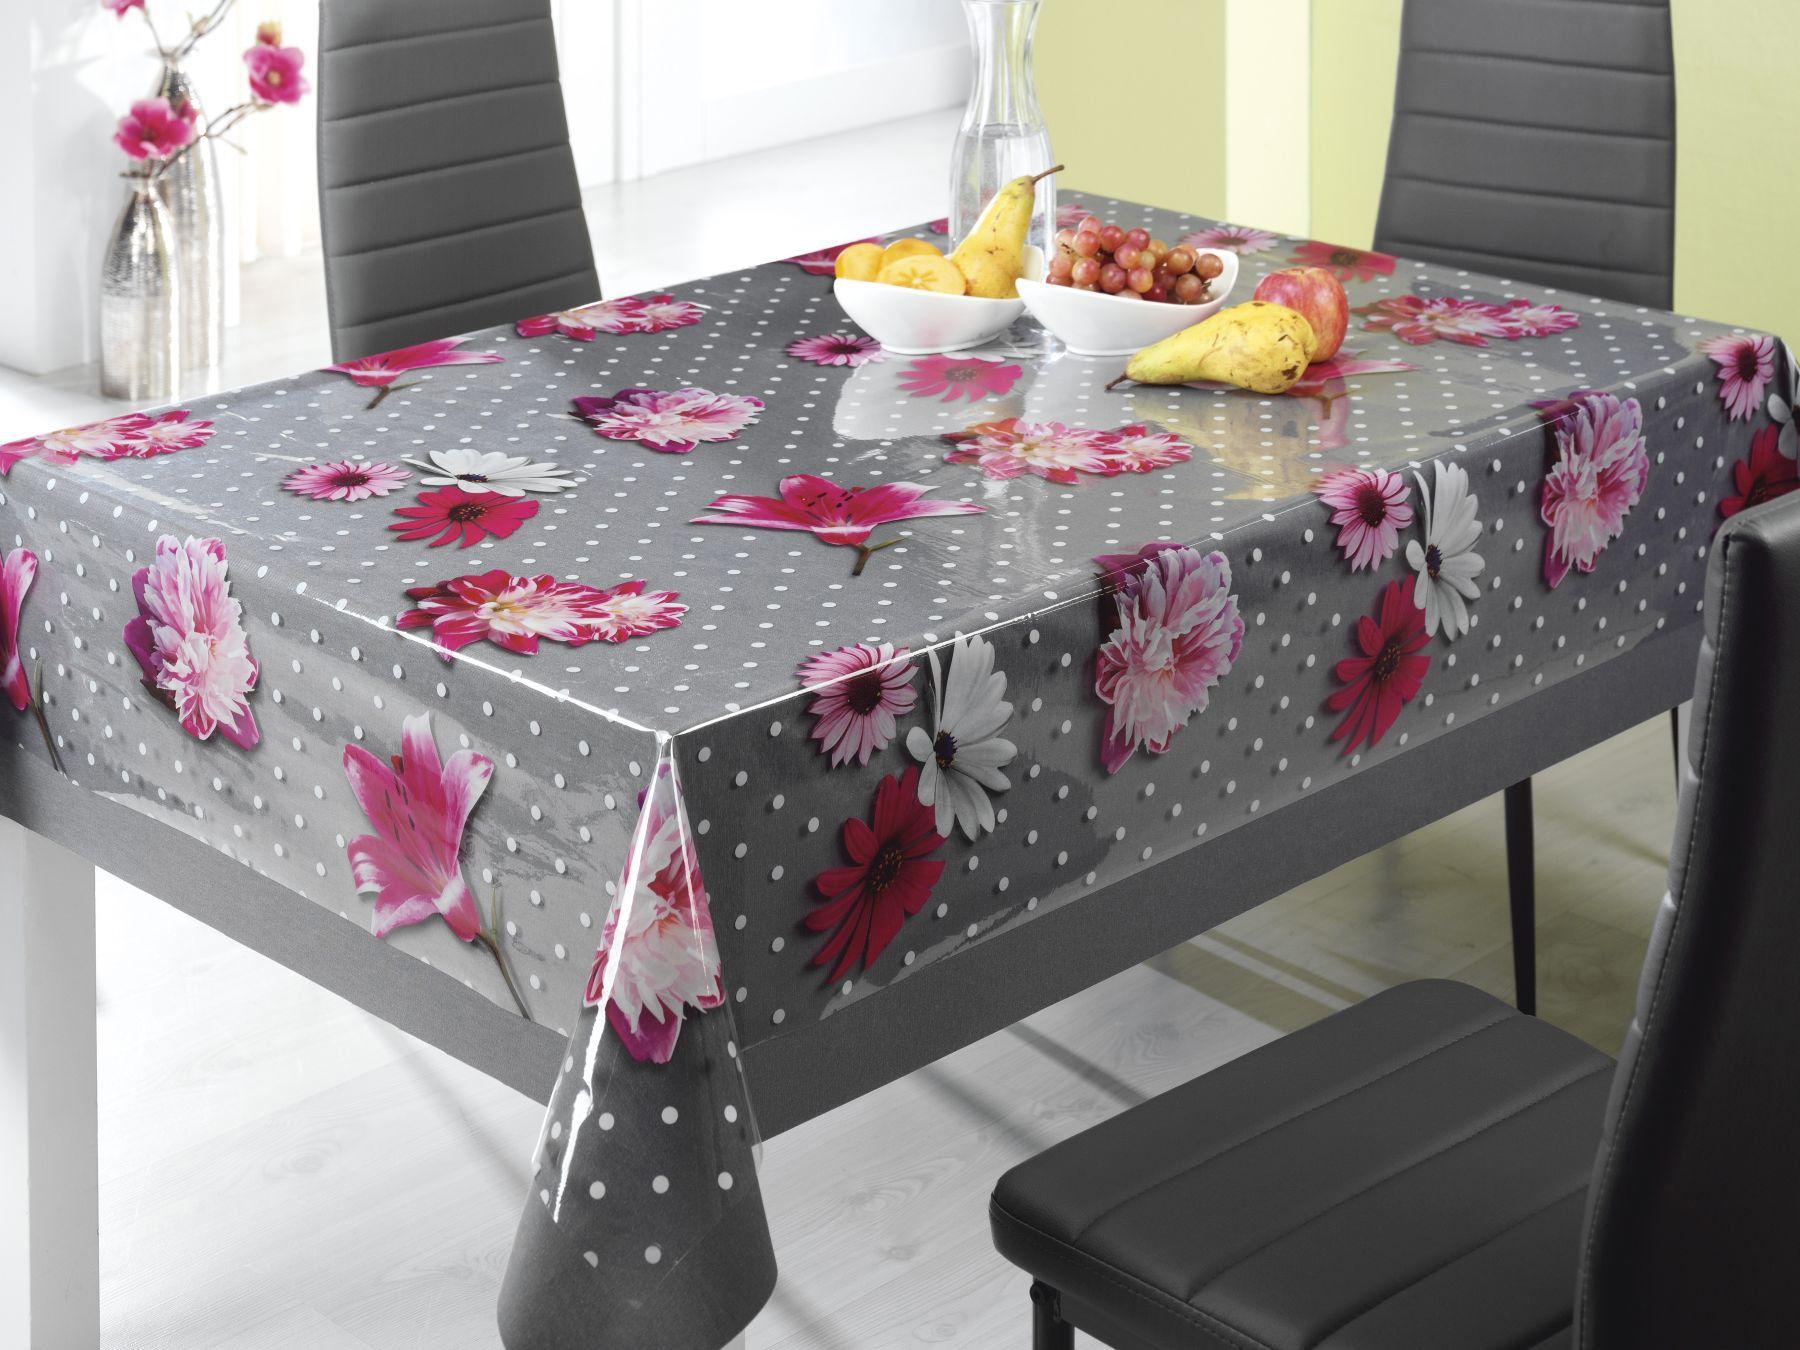 Die Transparente Folie Mit Wunderschonen Bluten Und Punkten Setzt Eure Tischdecke Toll In Szene Die Tischdecke Wird Vor Flecke Tisch Deckchen Und Kuchentucher